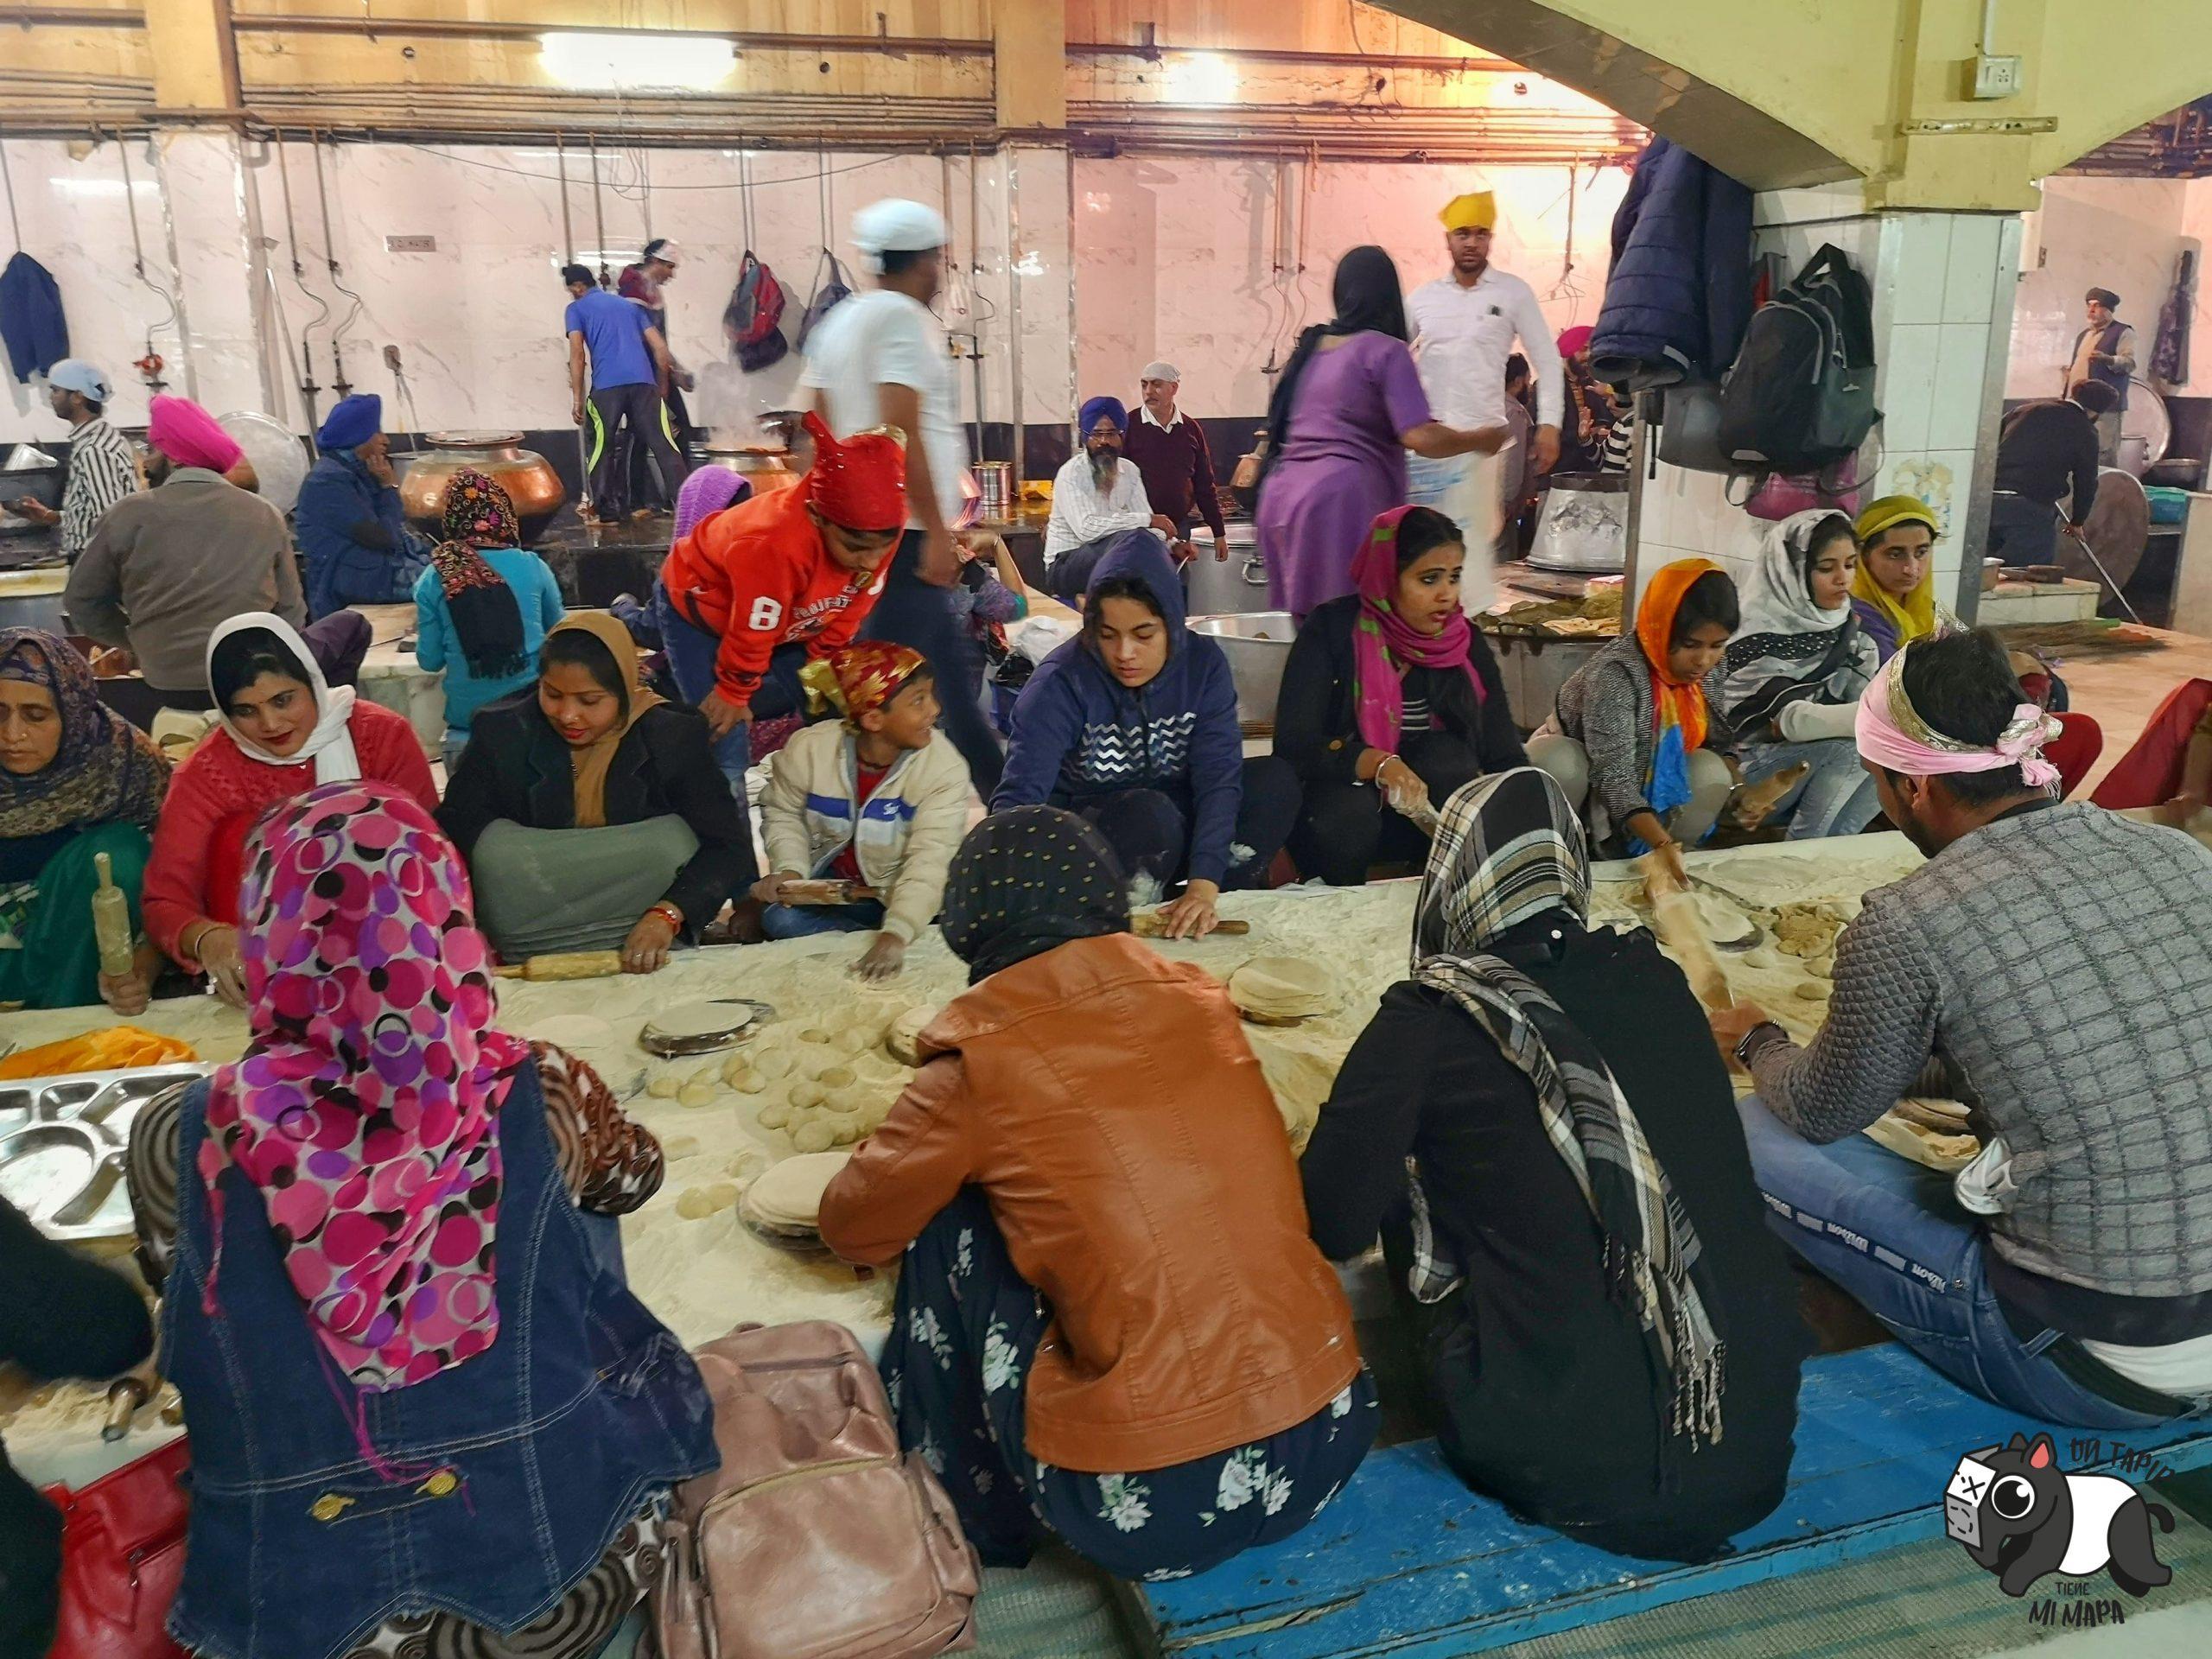 Voluntarios cocinando en Gurdwara Bangla Sahib Temple.